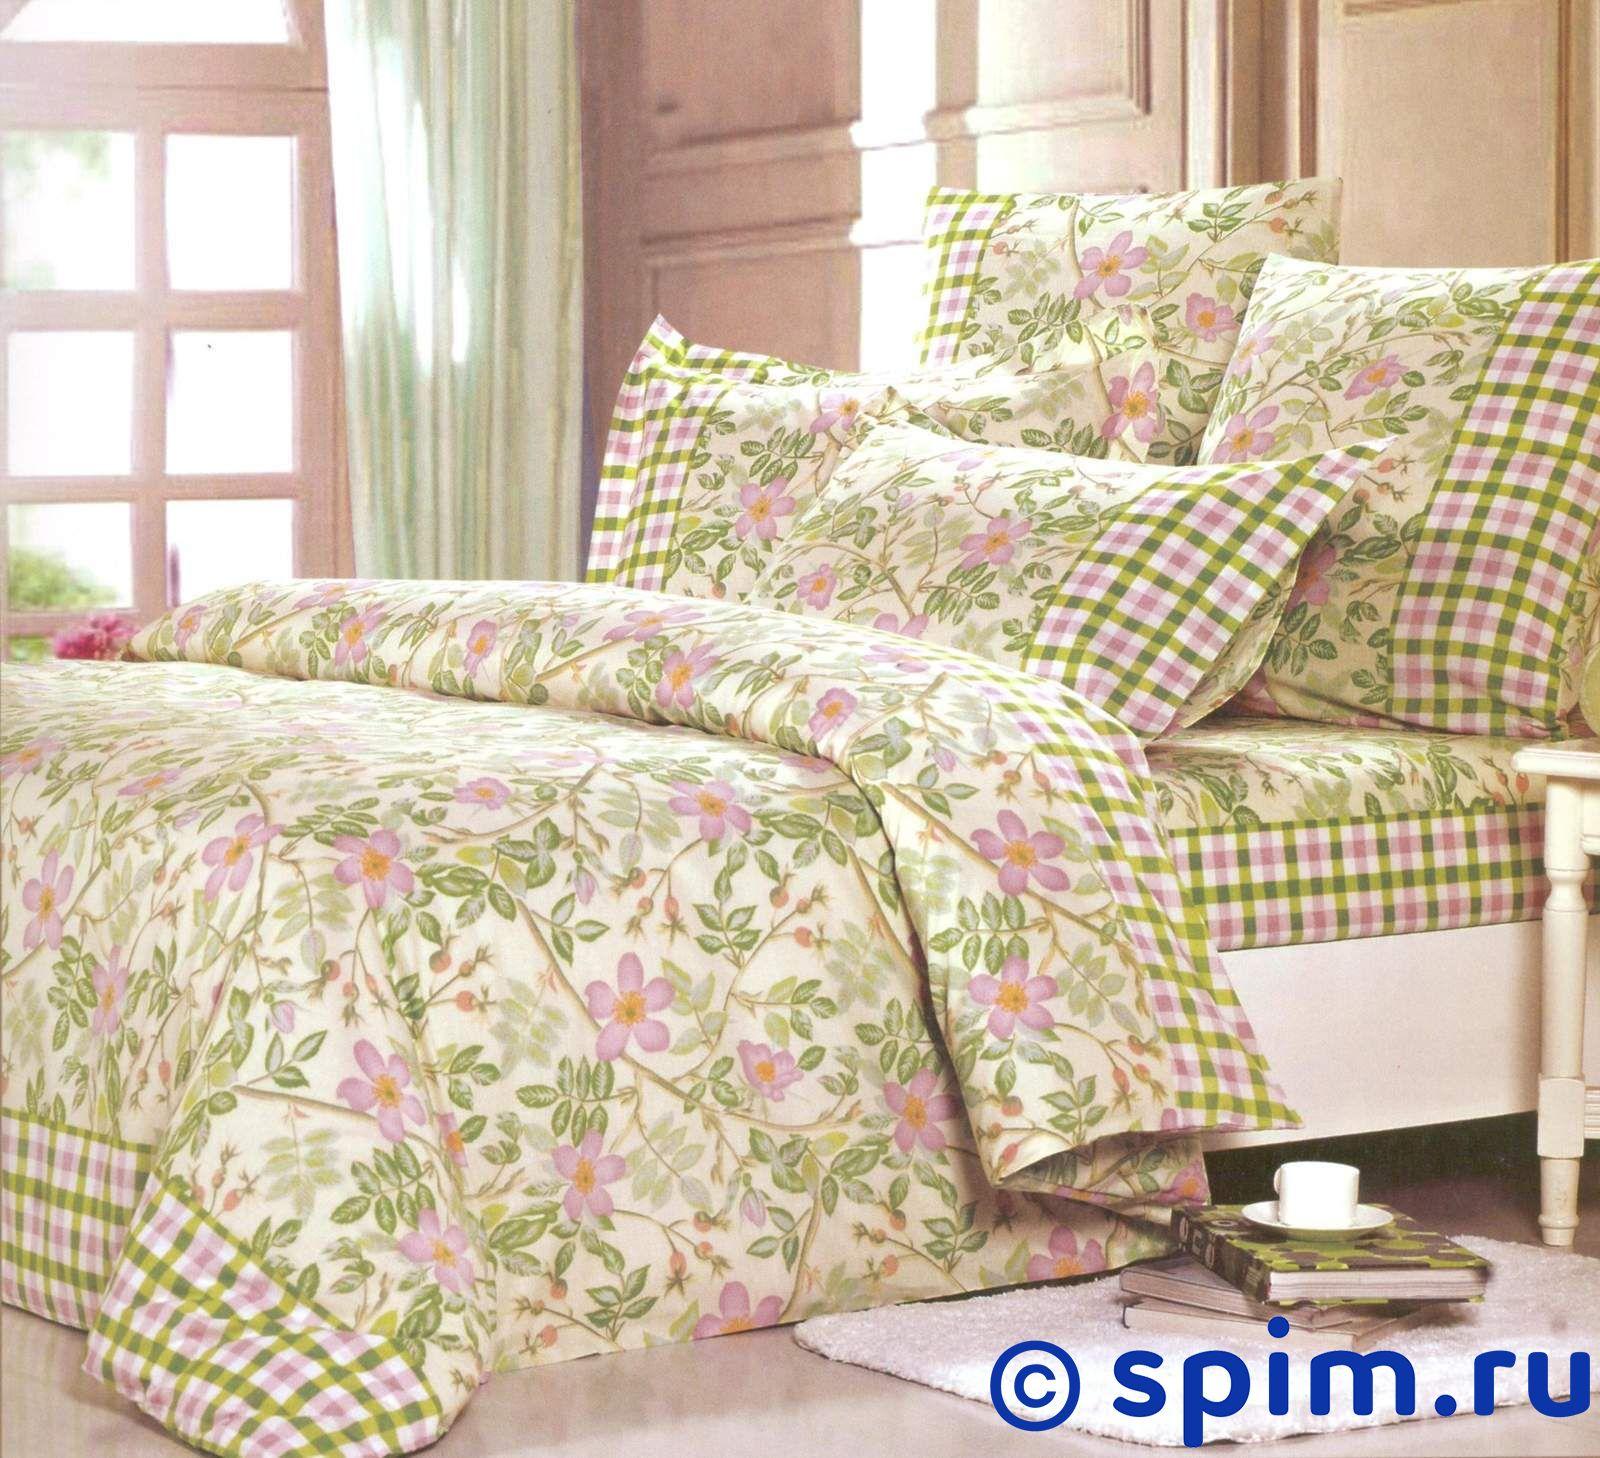 Комплект СайлиД А157 1.5 спальное